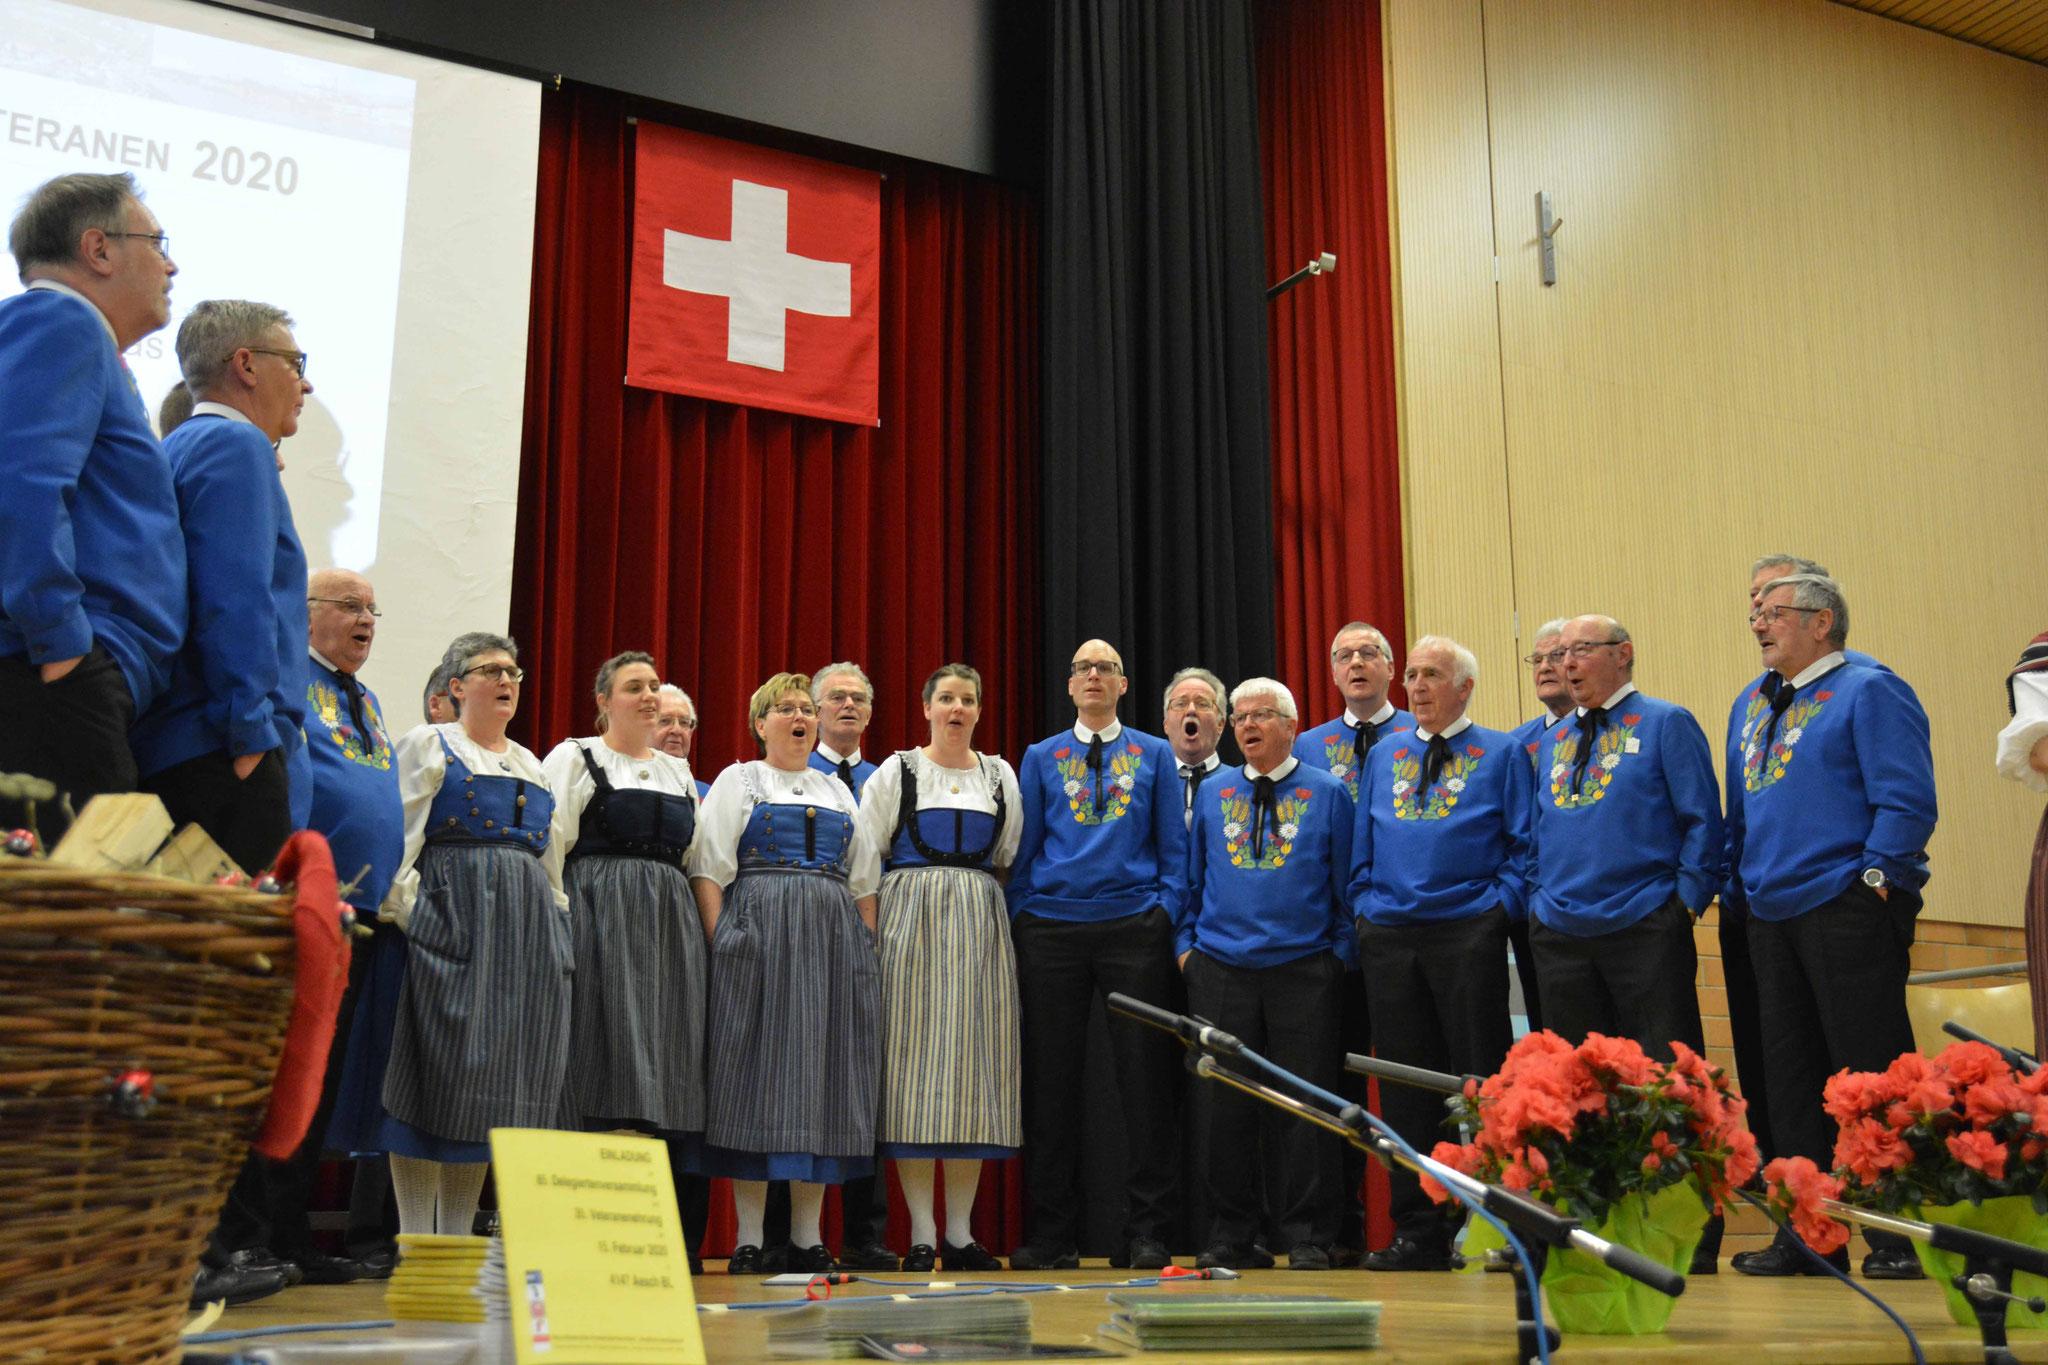 Der Jodlerklub singt zu Ehren seines Dirigenten.